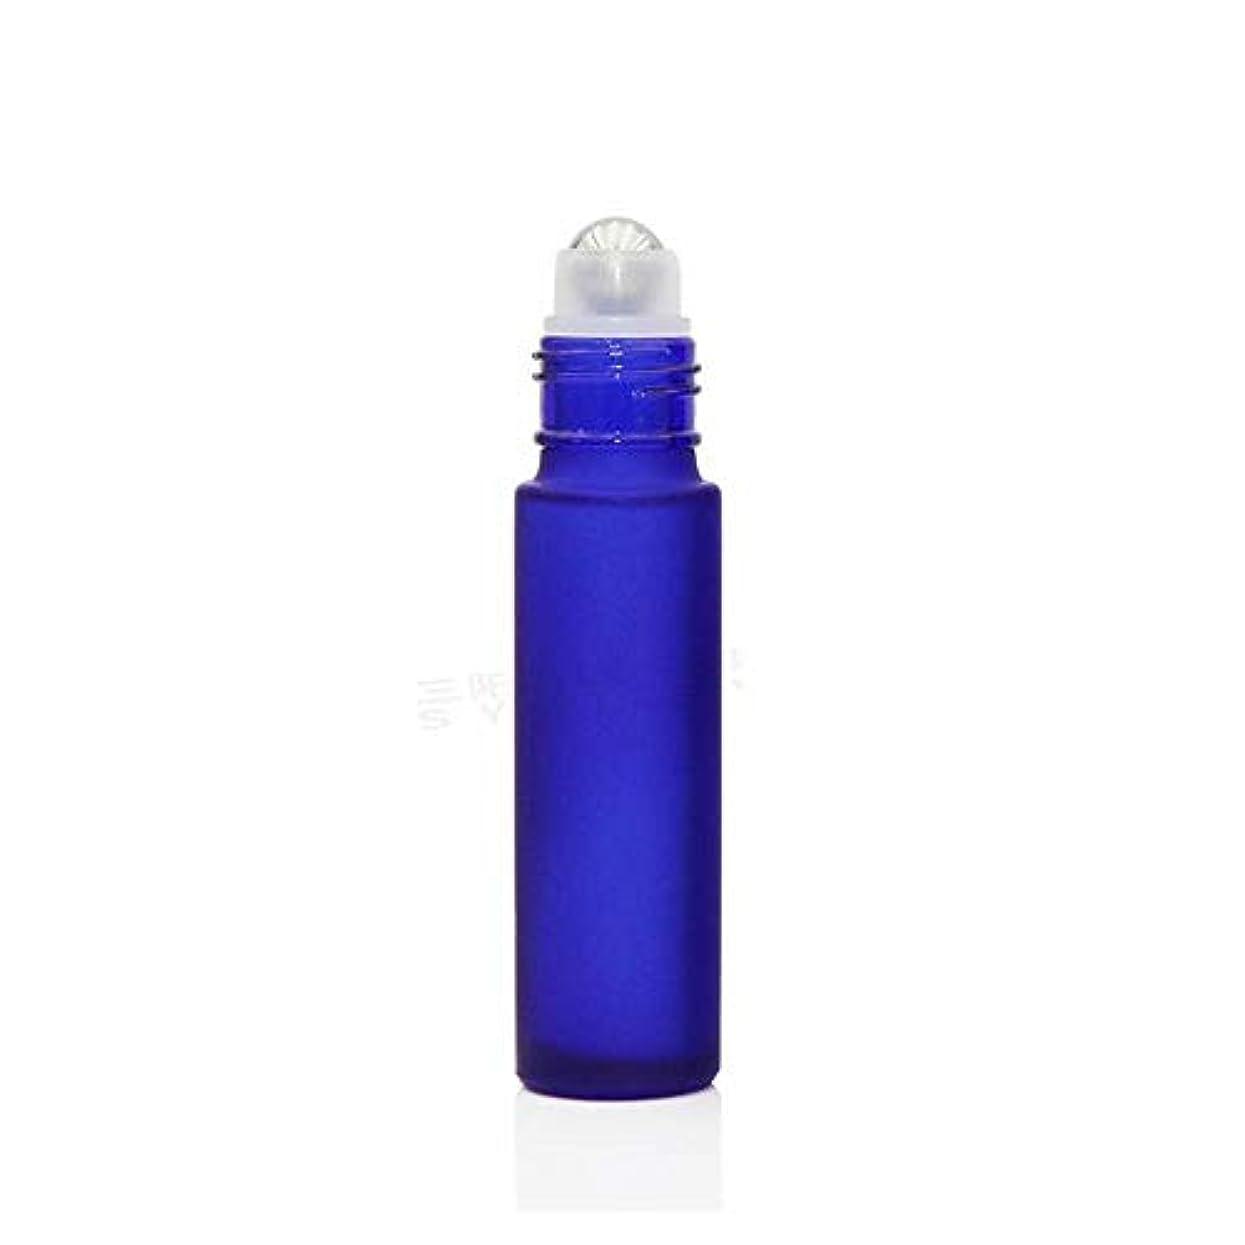 鈍い衣装小説gundoop ロールオンボトル アロマオイル 精油 小分け用 遮光瓶 10ml 10本セット ガラスロールタイプ (ブルー)